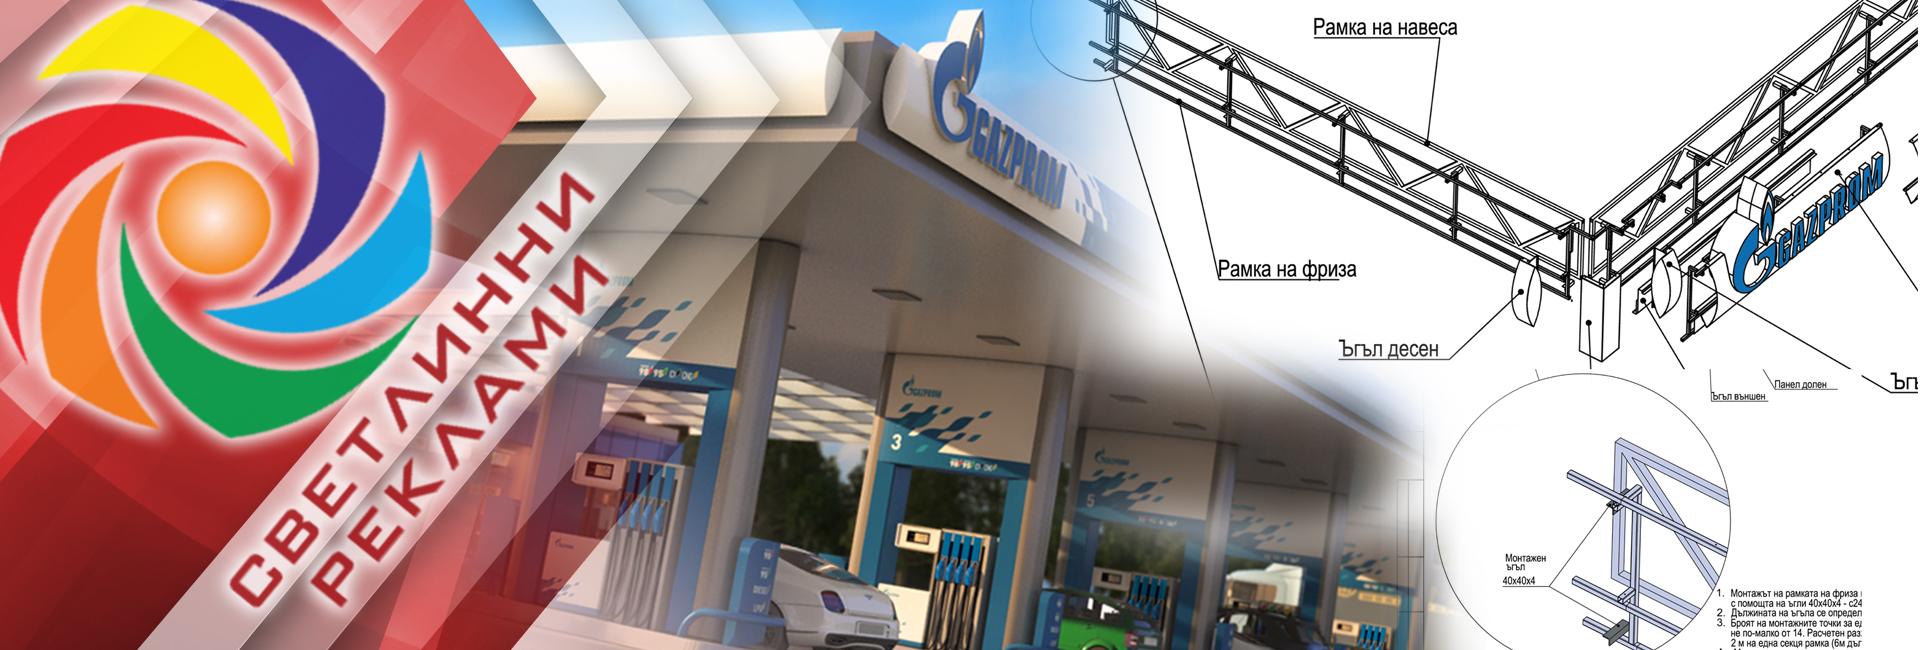 брандиране на бензиностанции